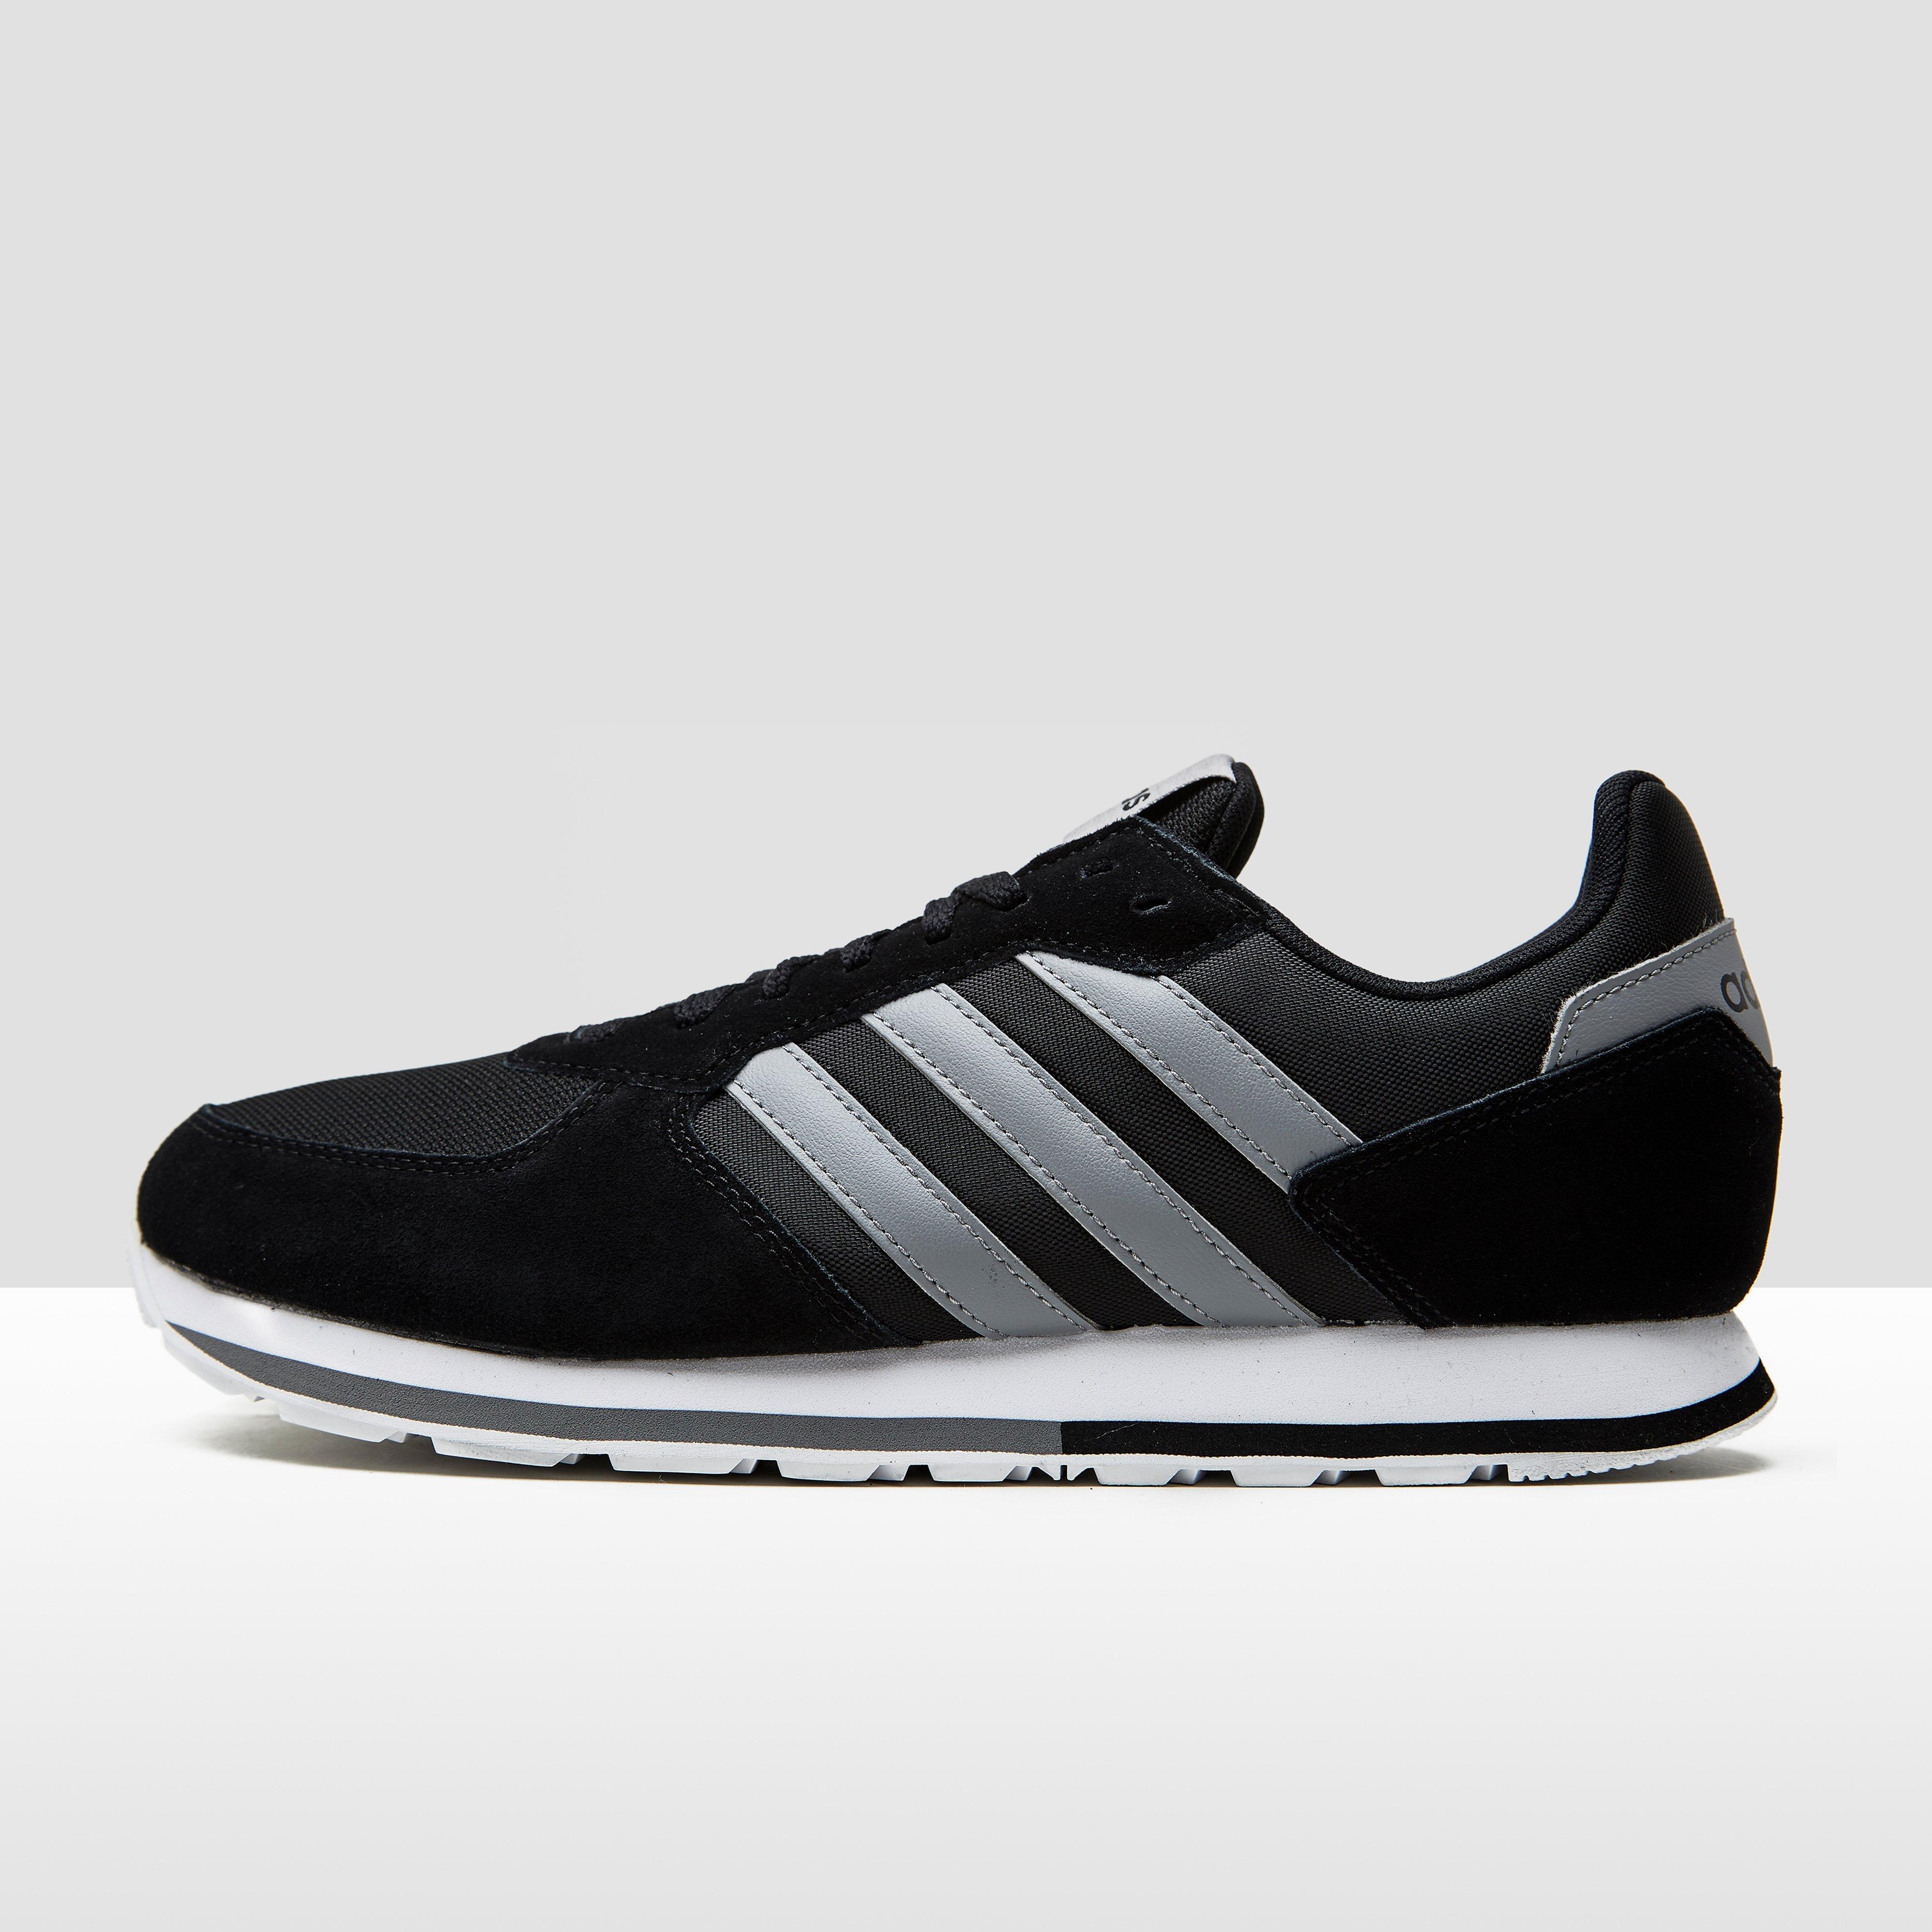 Adidas Chaussures De Sport 8k 29DwXjUwg